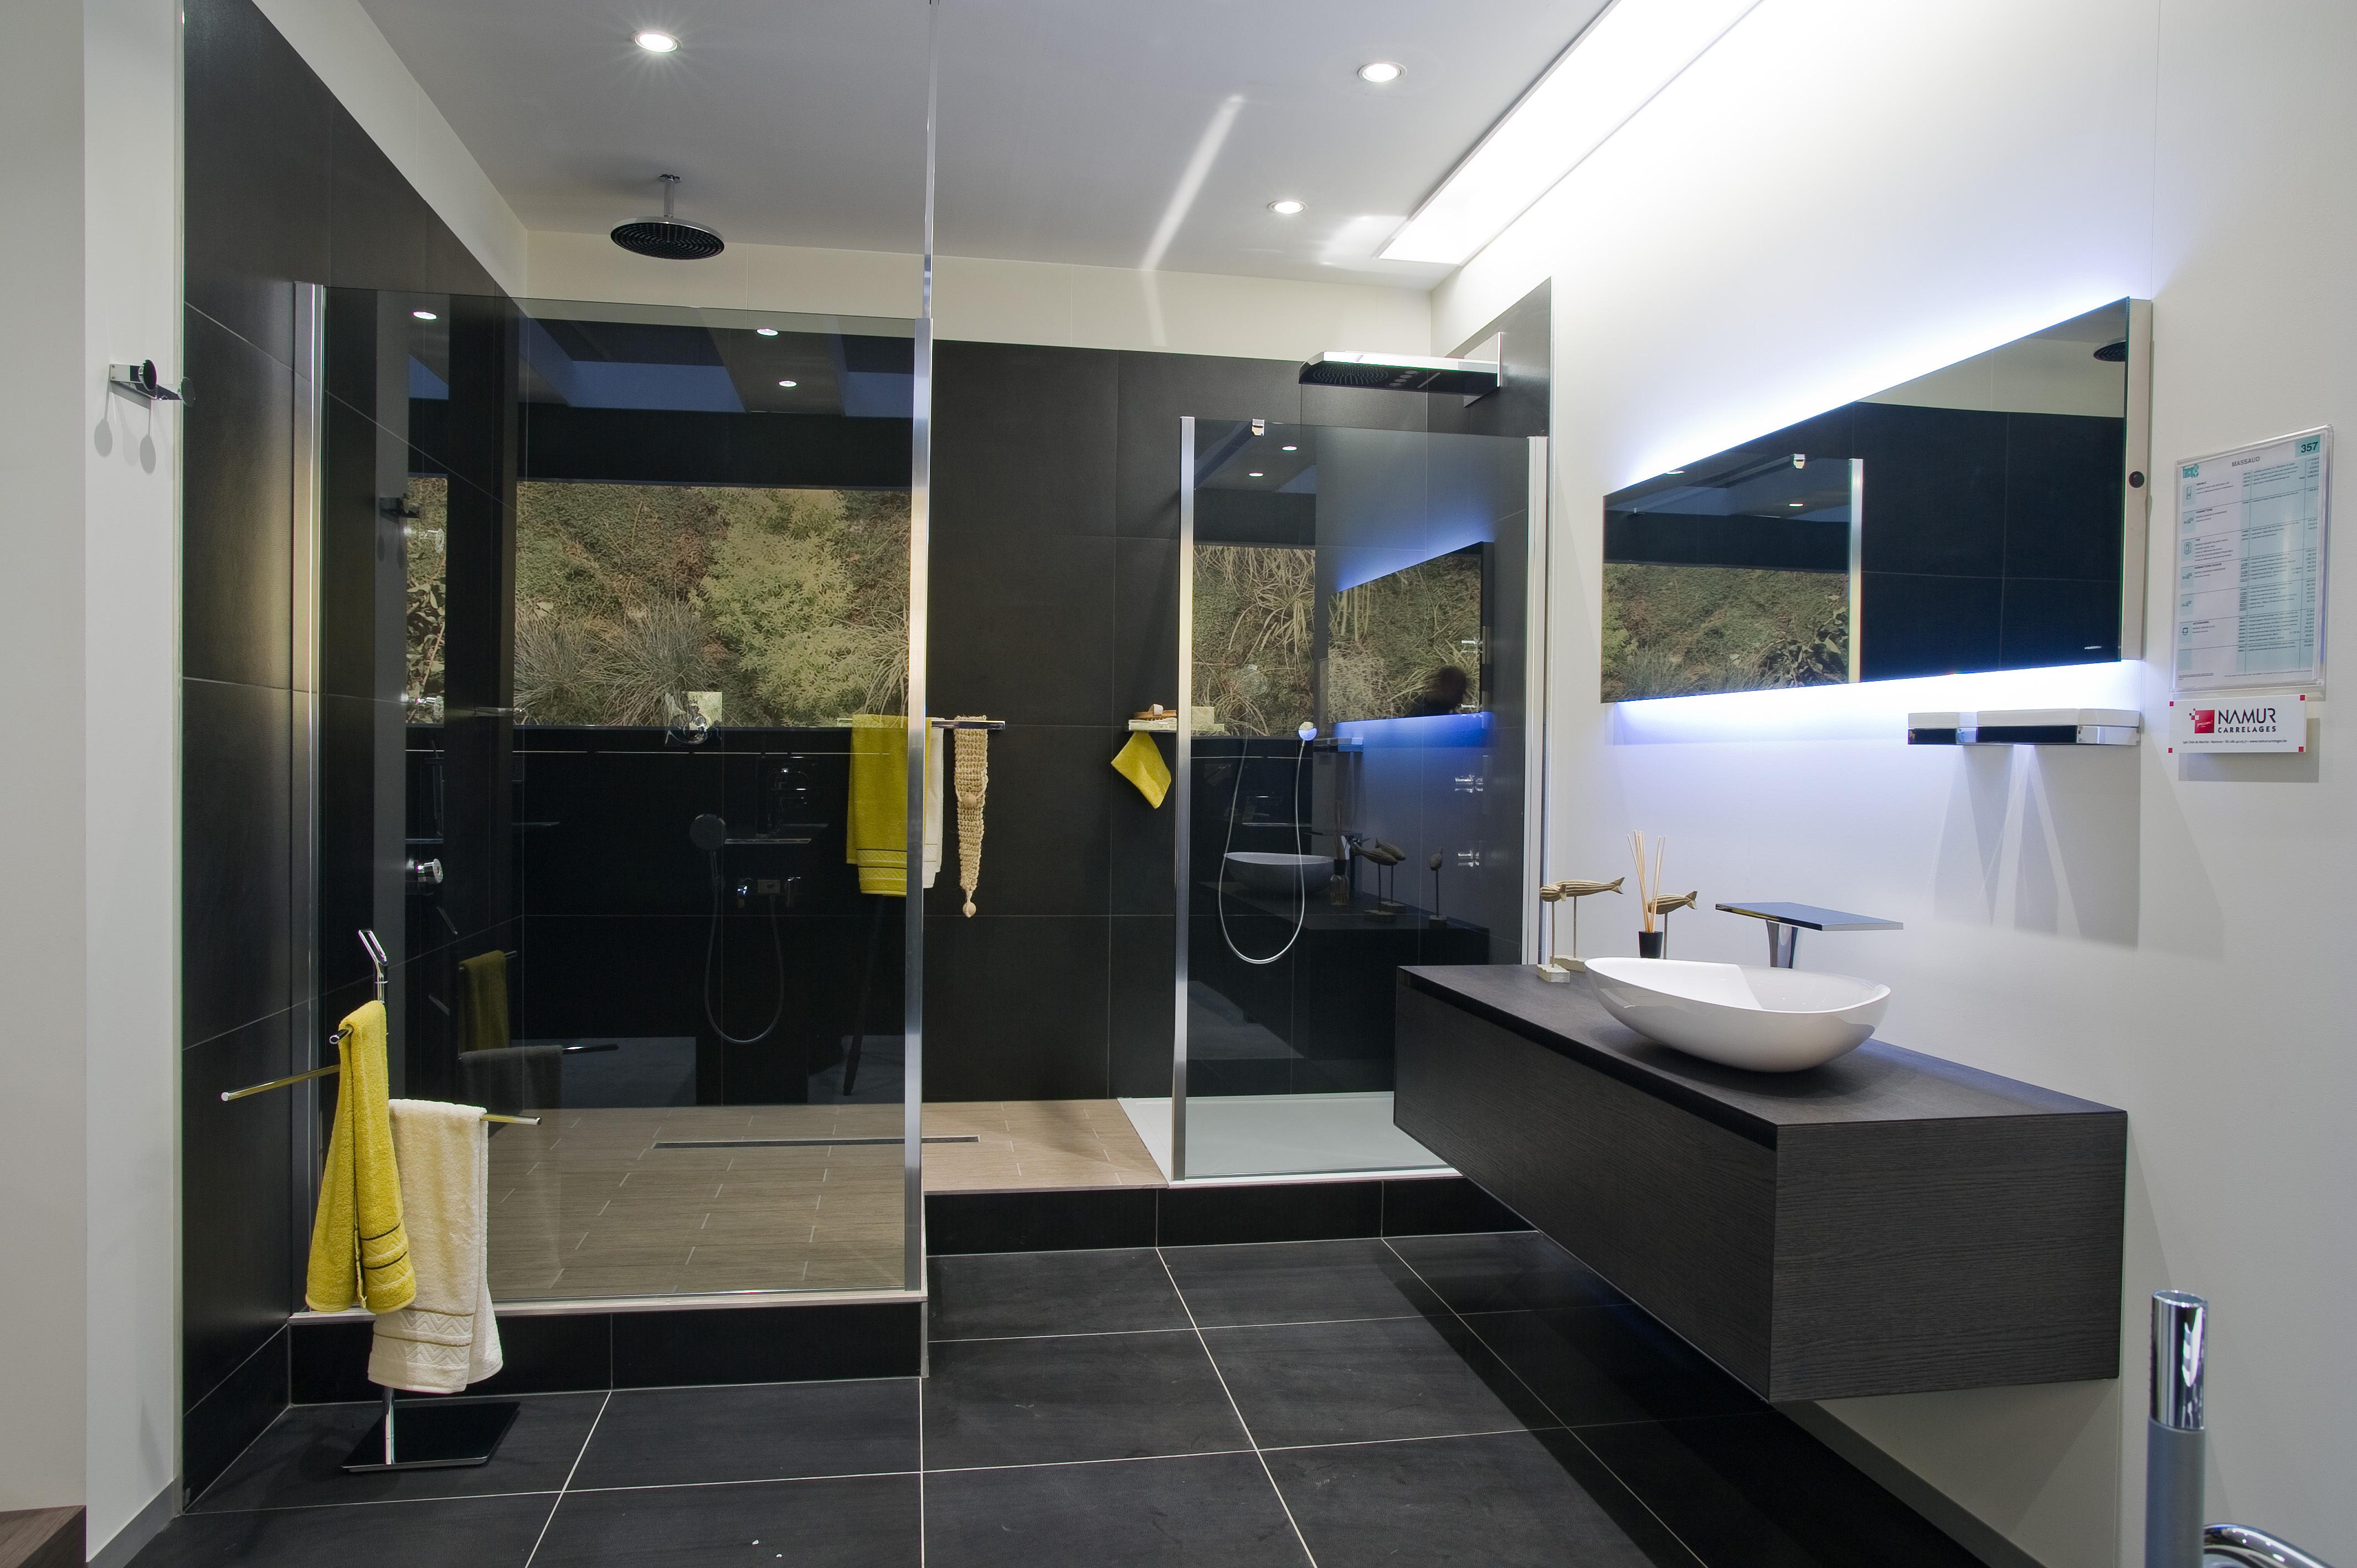 Accessoires Salle De Bain Facq ~ facq accessoires salle de bain maison image id e